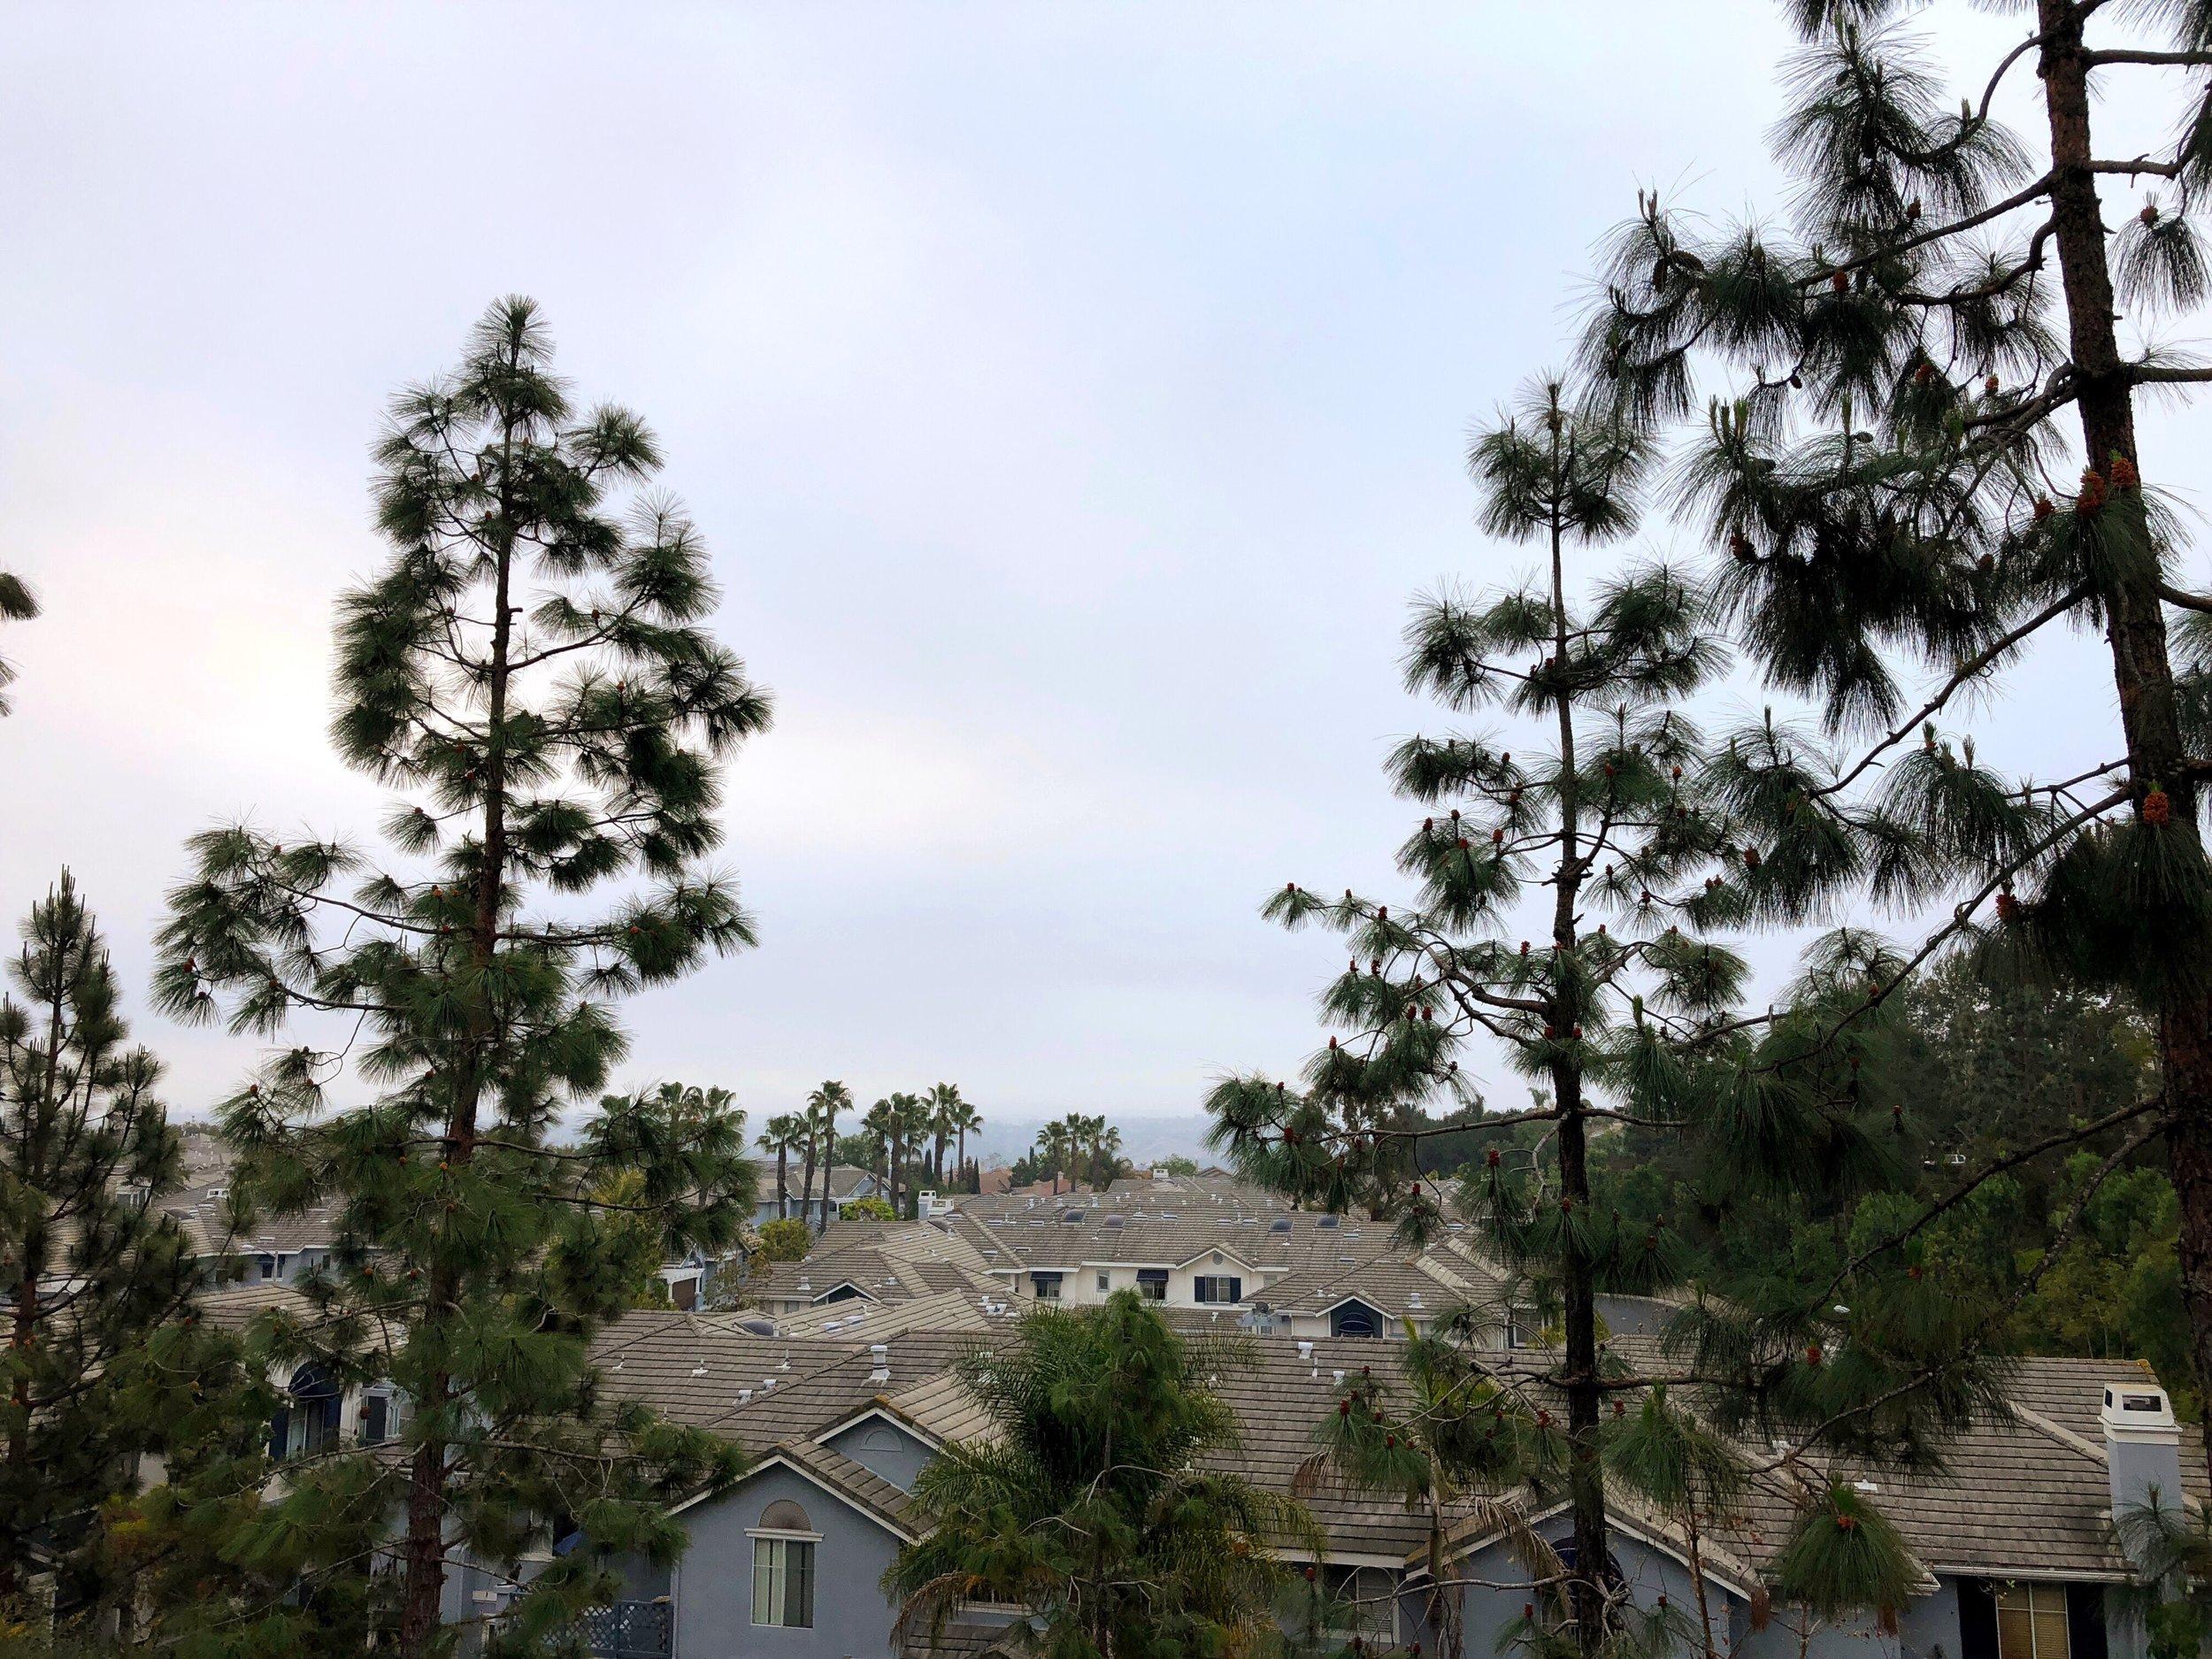 Running views - Hills!